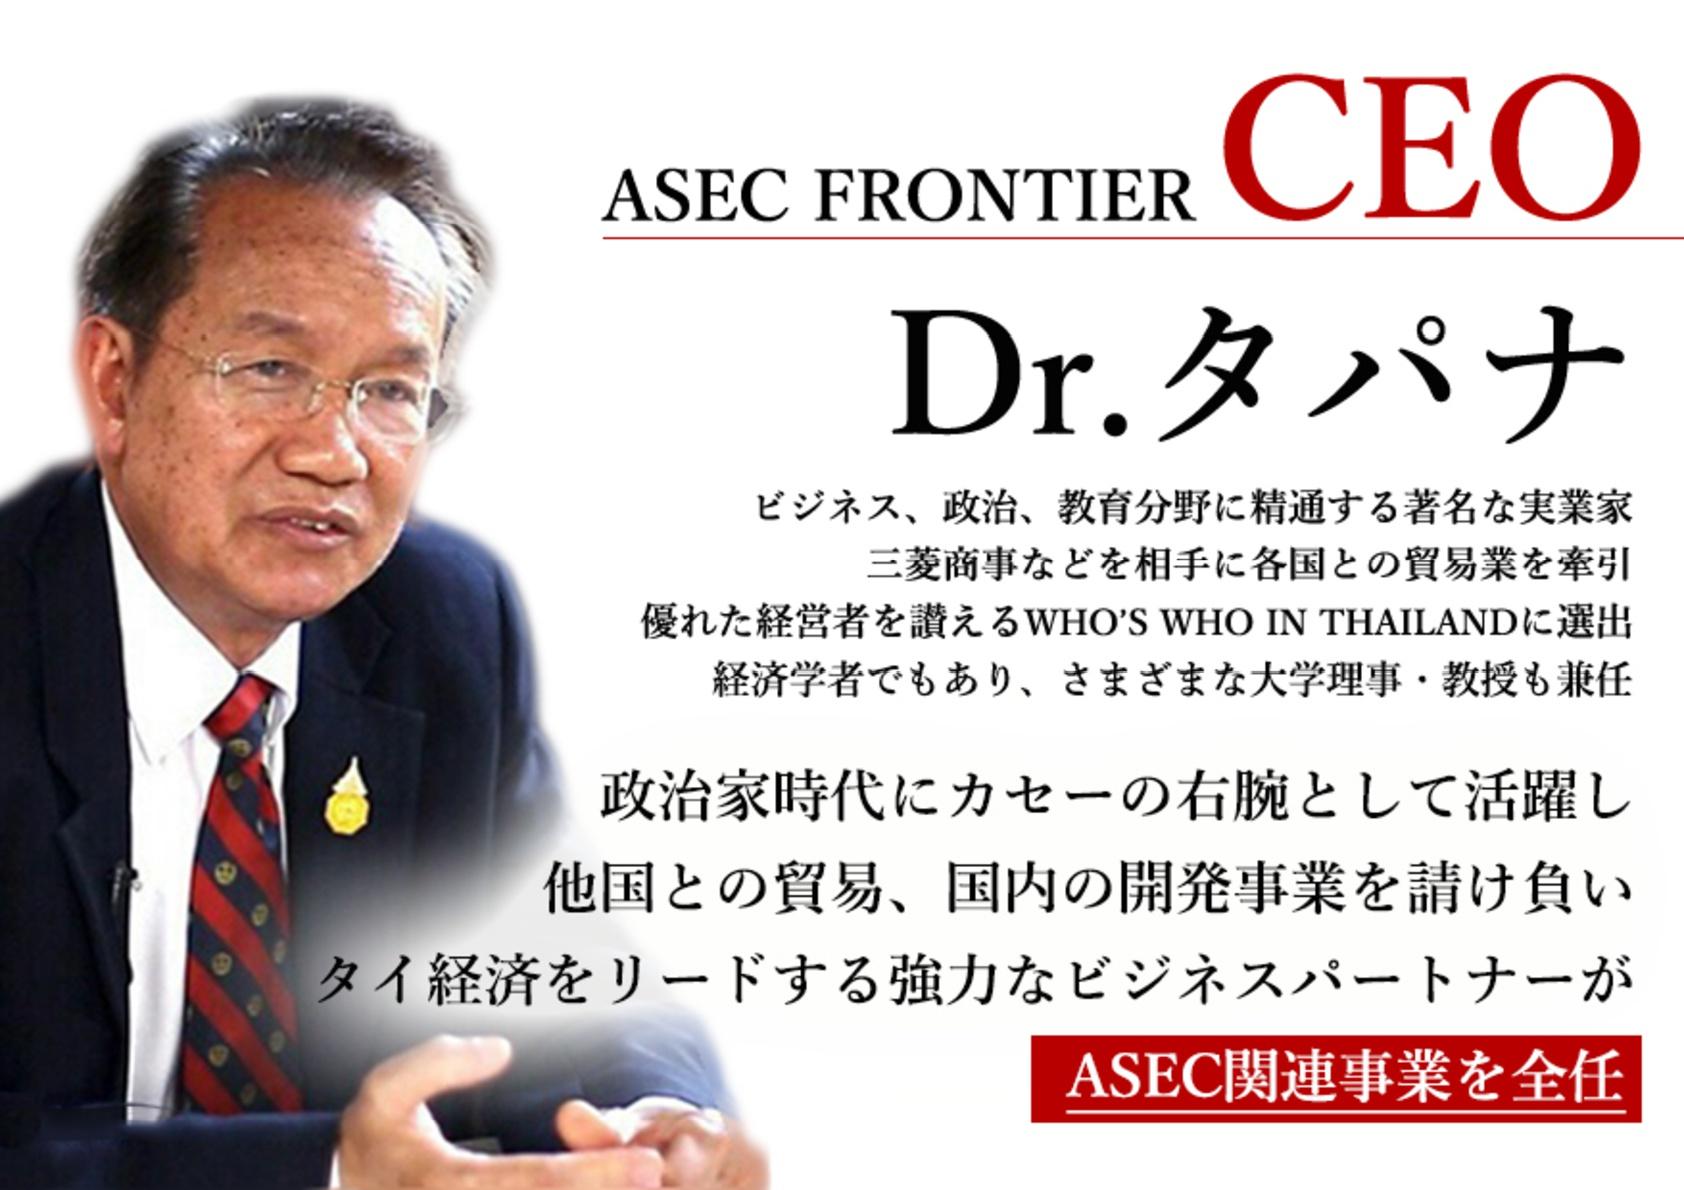 11月11日、12日ASECフロンティアのCEO来日。語られる内容とは?のイメージ画像